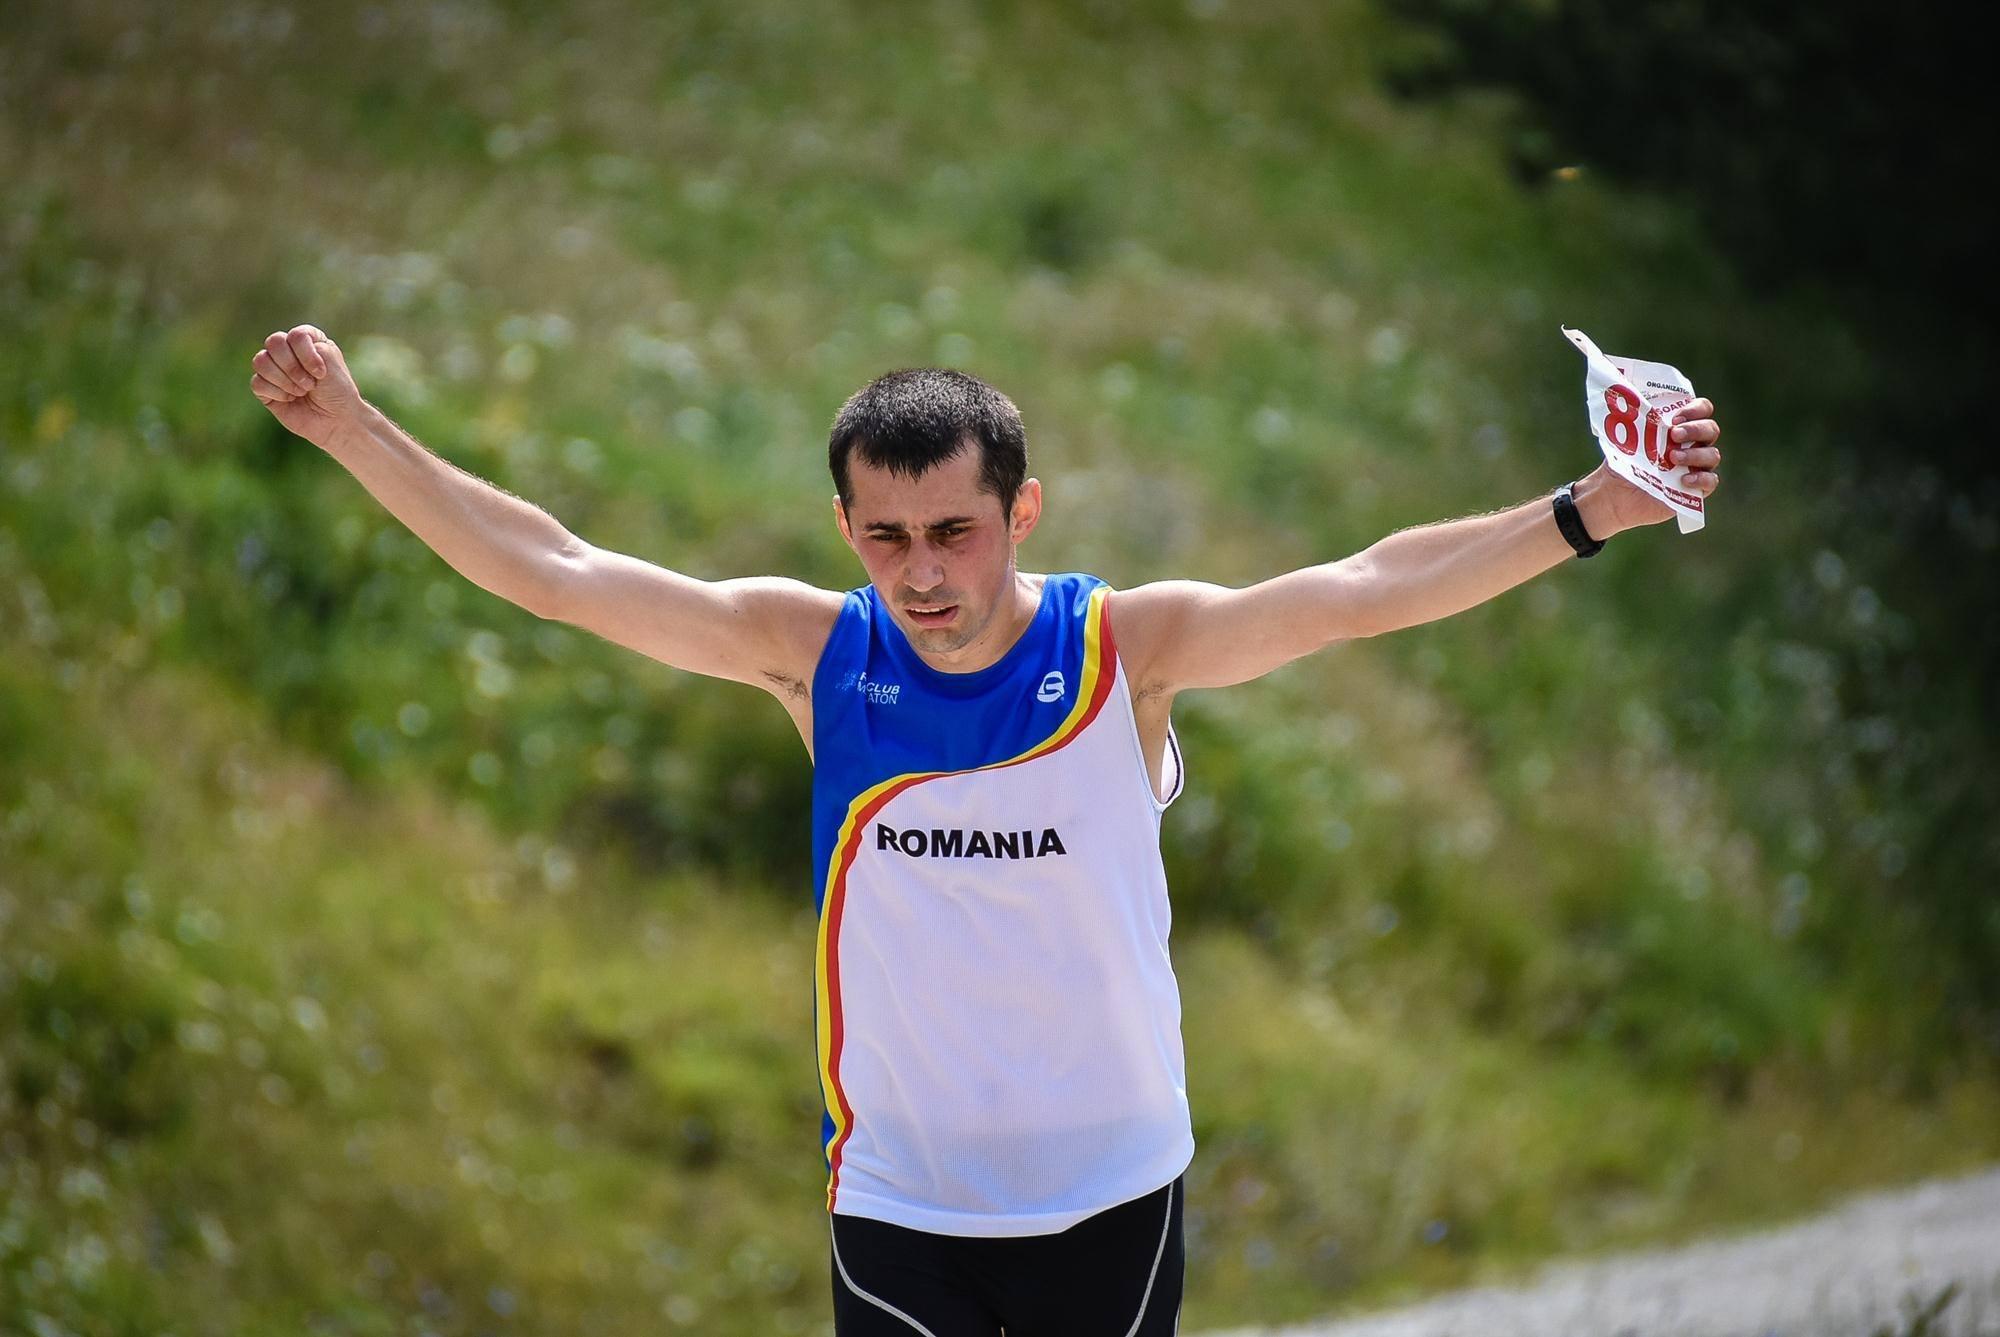 Cozia Mountain Run 2016 – Poveste fara sfarsit